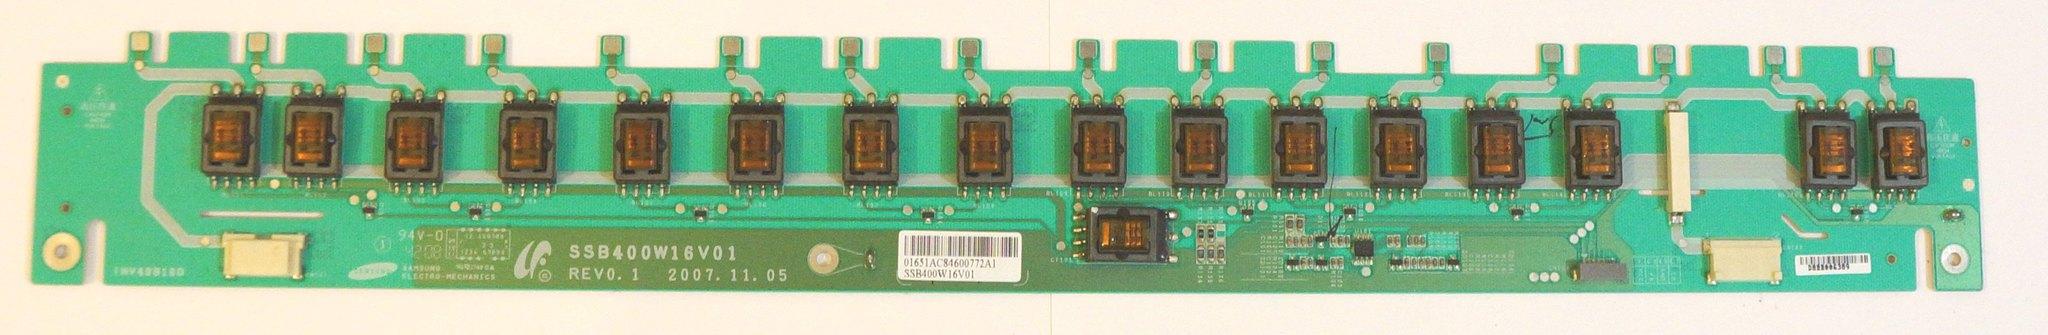 SSB400W16V01 REV0.1